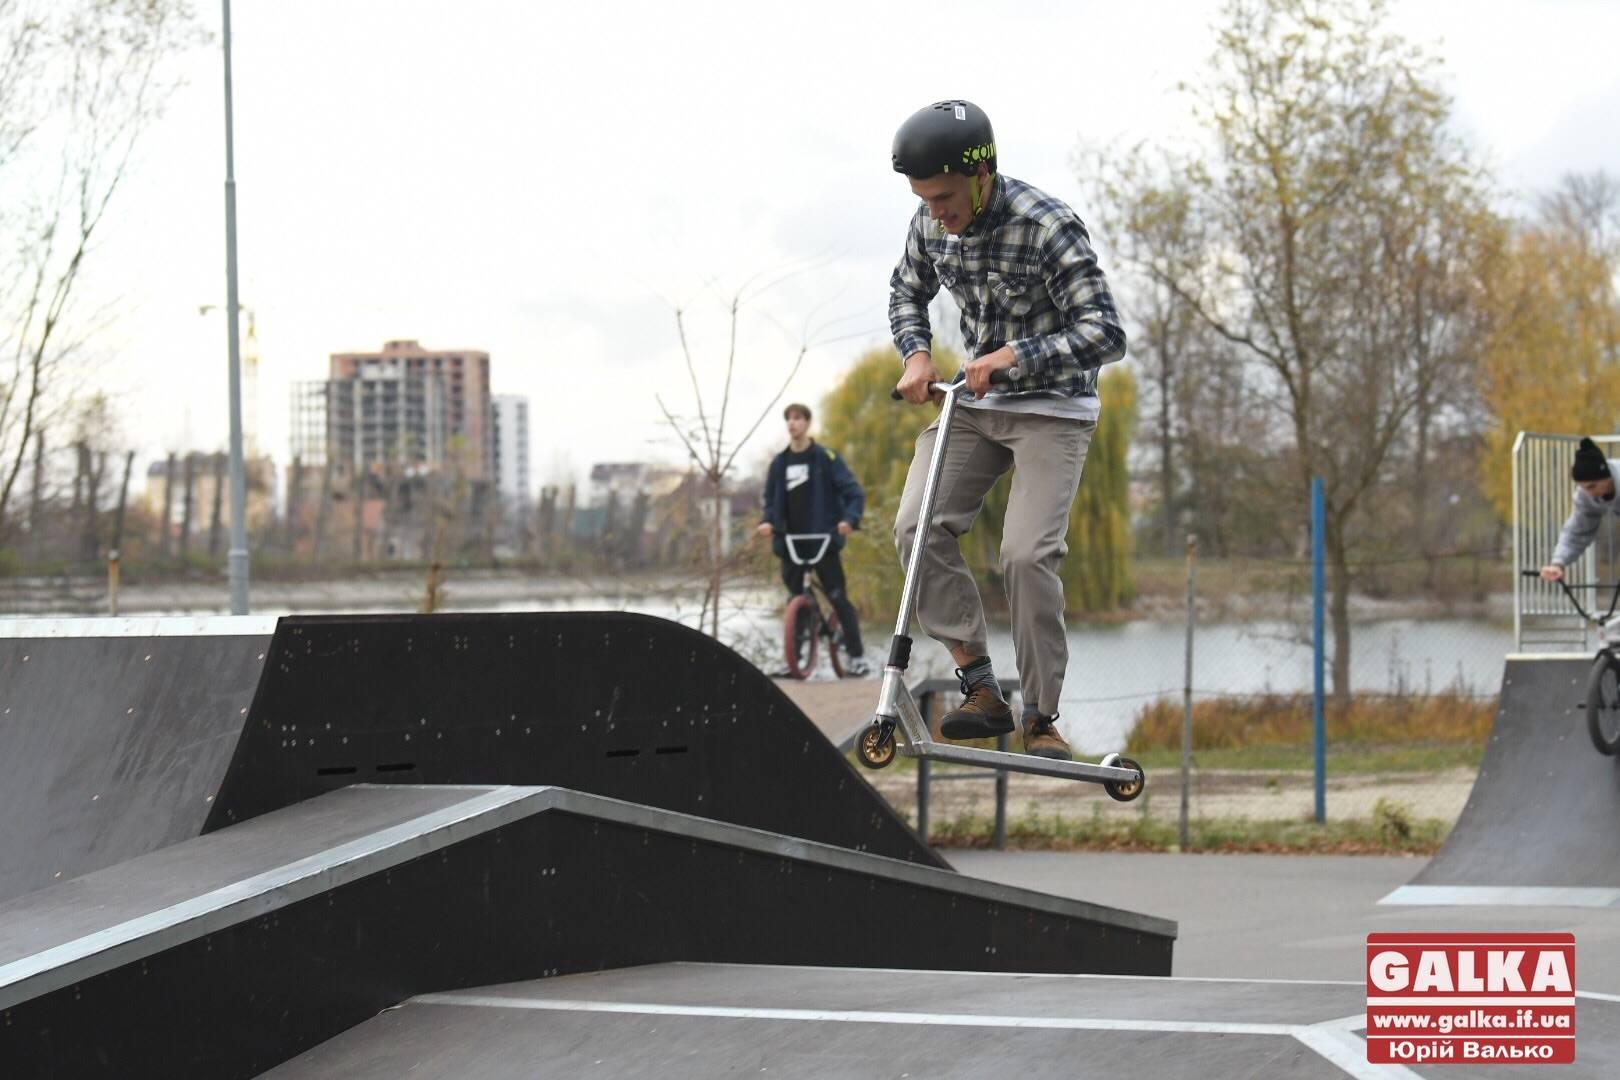 Поблизу міського озера оновили скейт-парк та влаштували показові виступи (ФОТОРЕПОРТАЖ)